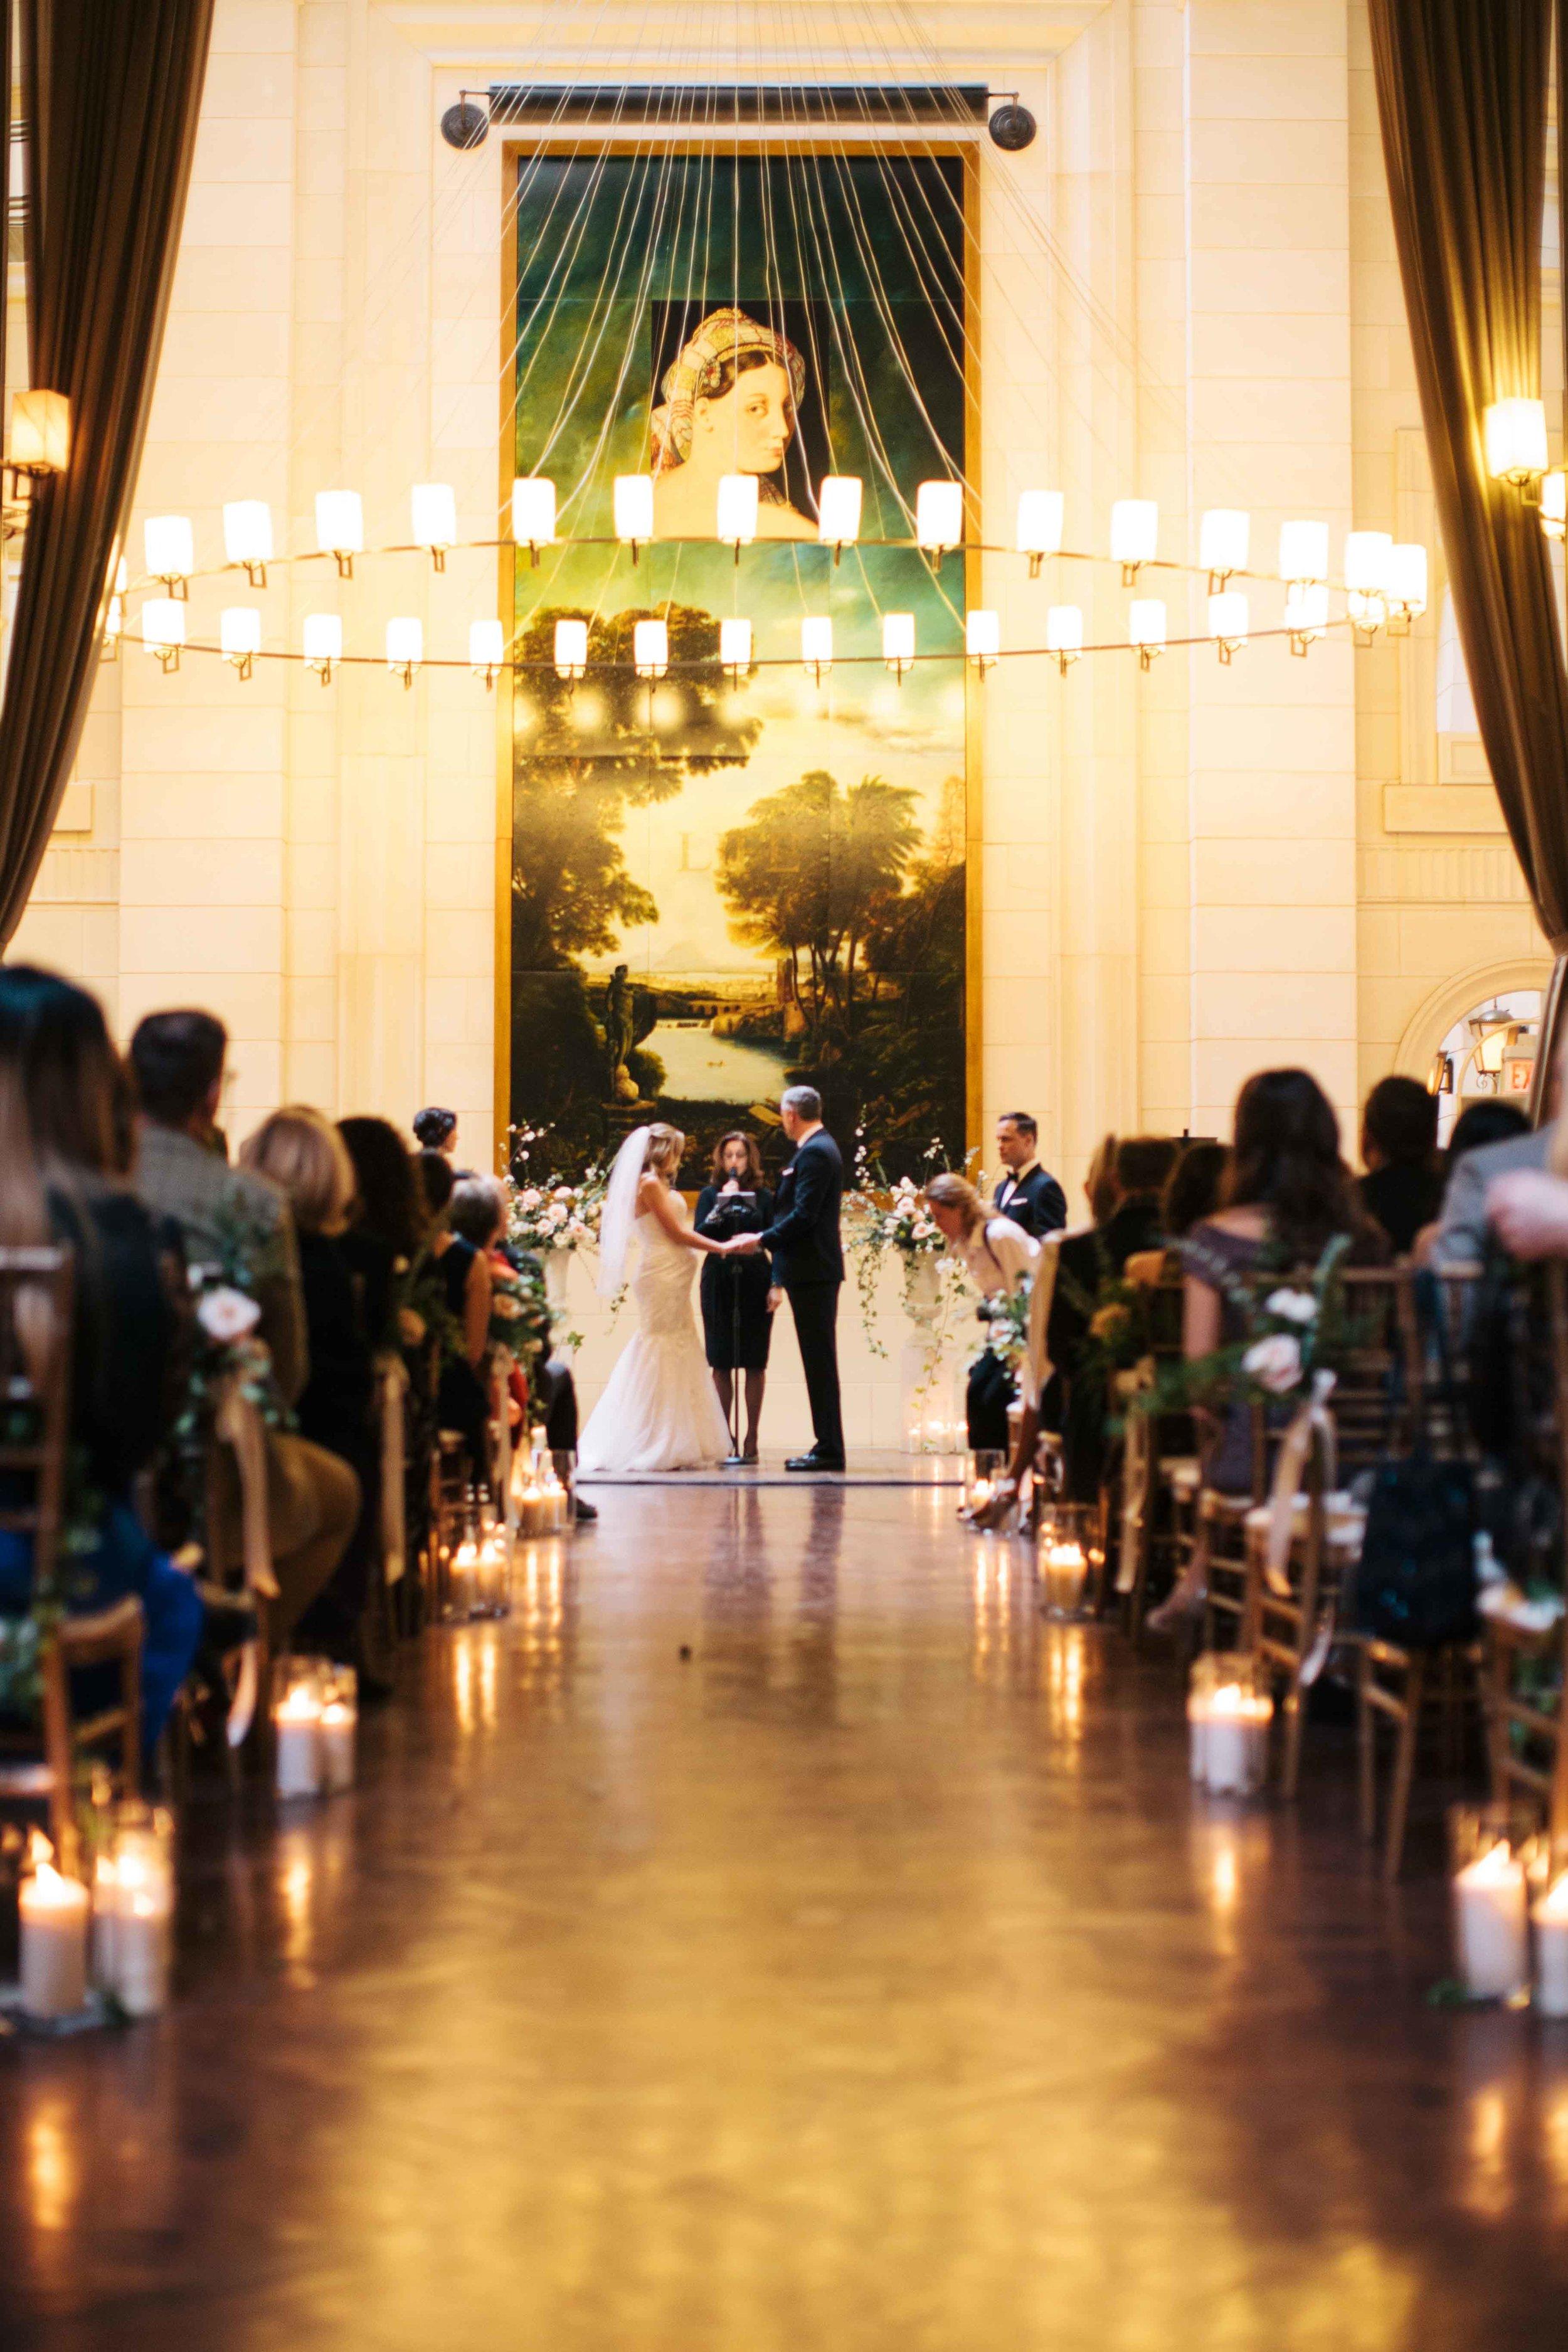 CHRIS_GEORGINA_WEDDING-44.jpg